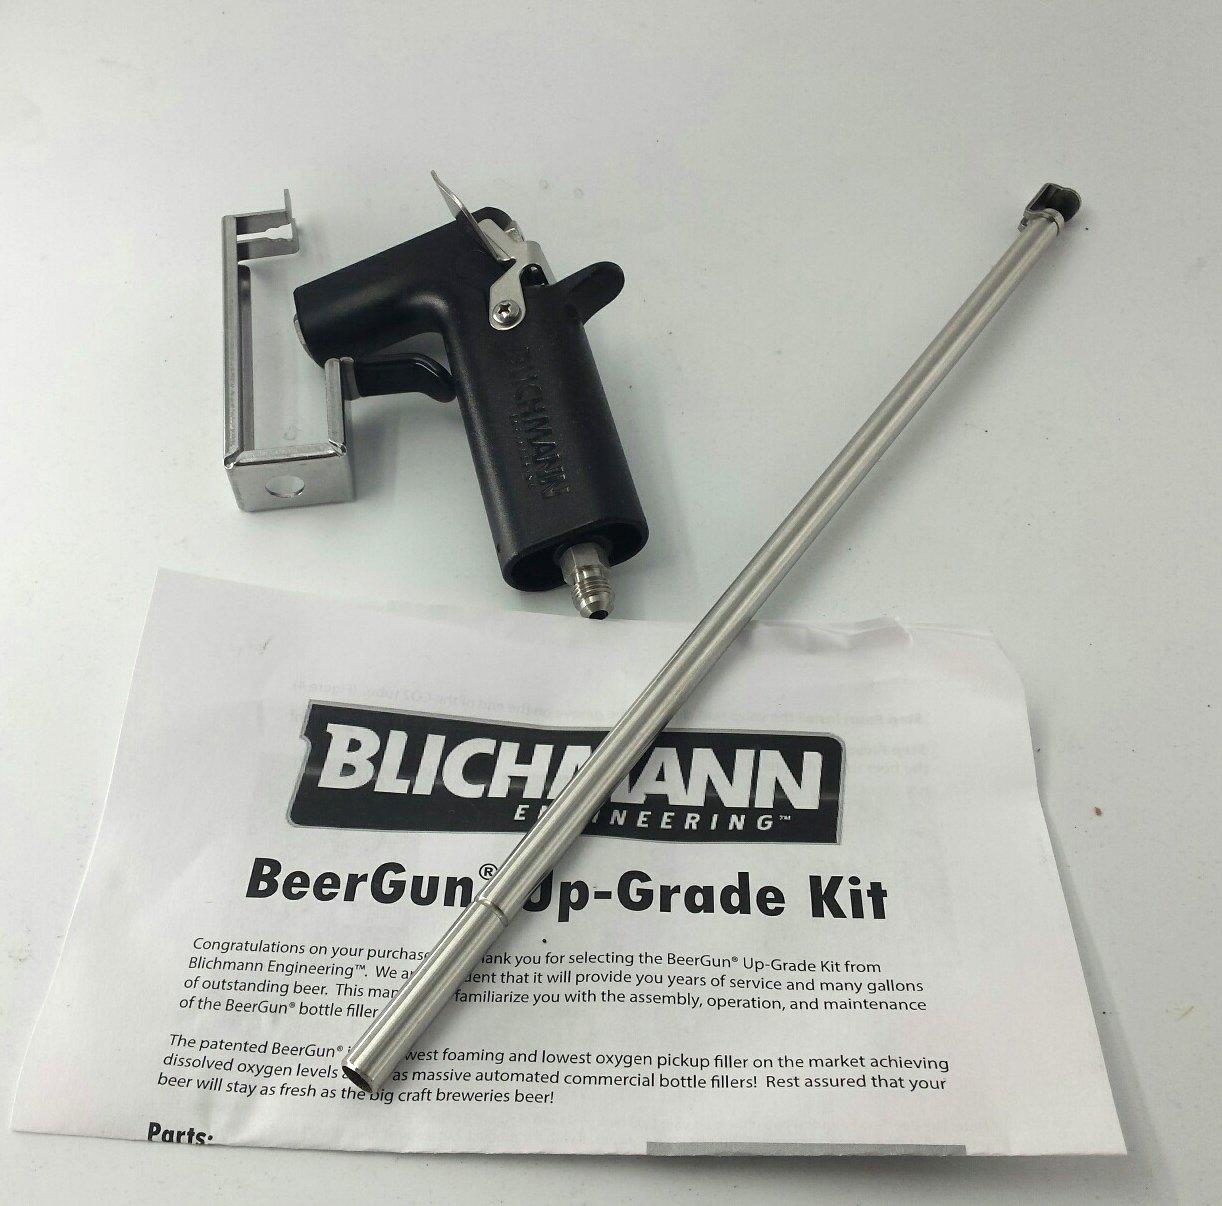 Blichmann Beer Gun Upgrade Kit